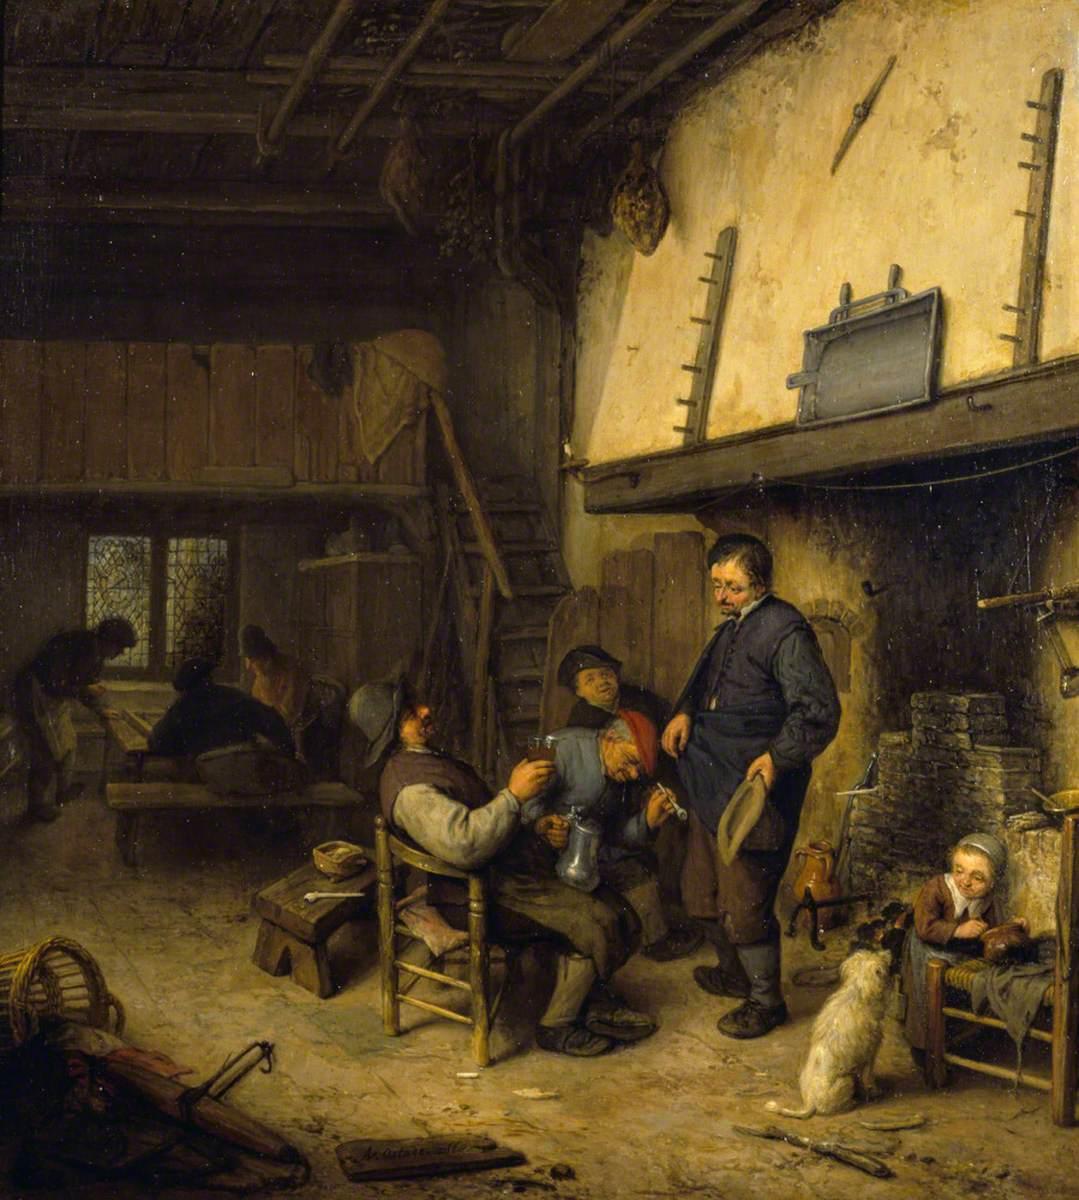 Peasants Before a Fire in an Inn